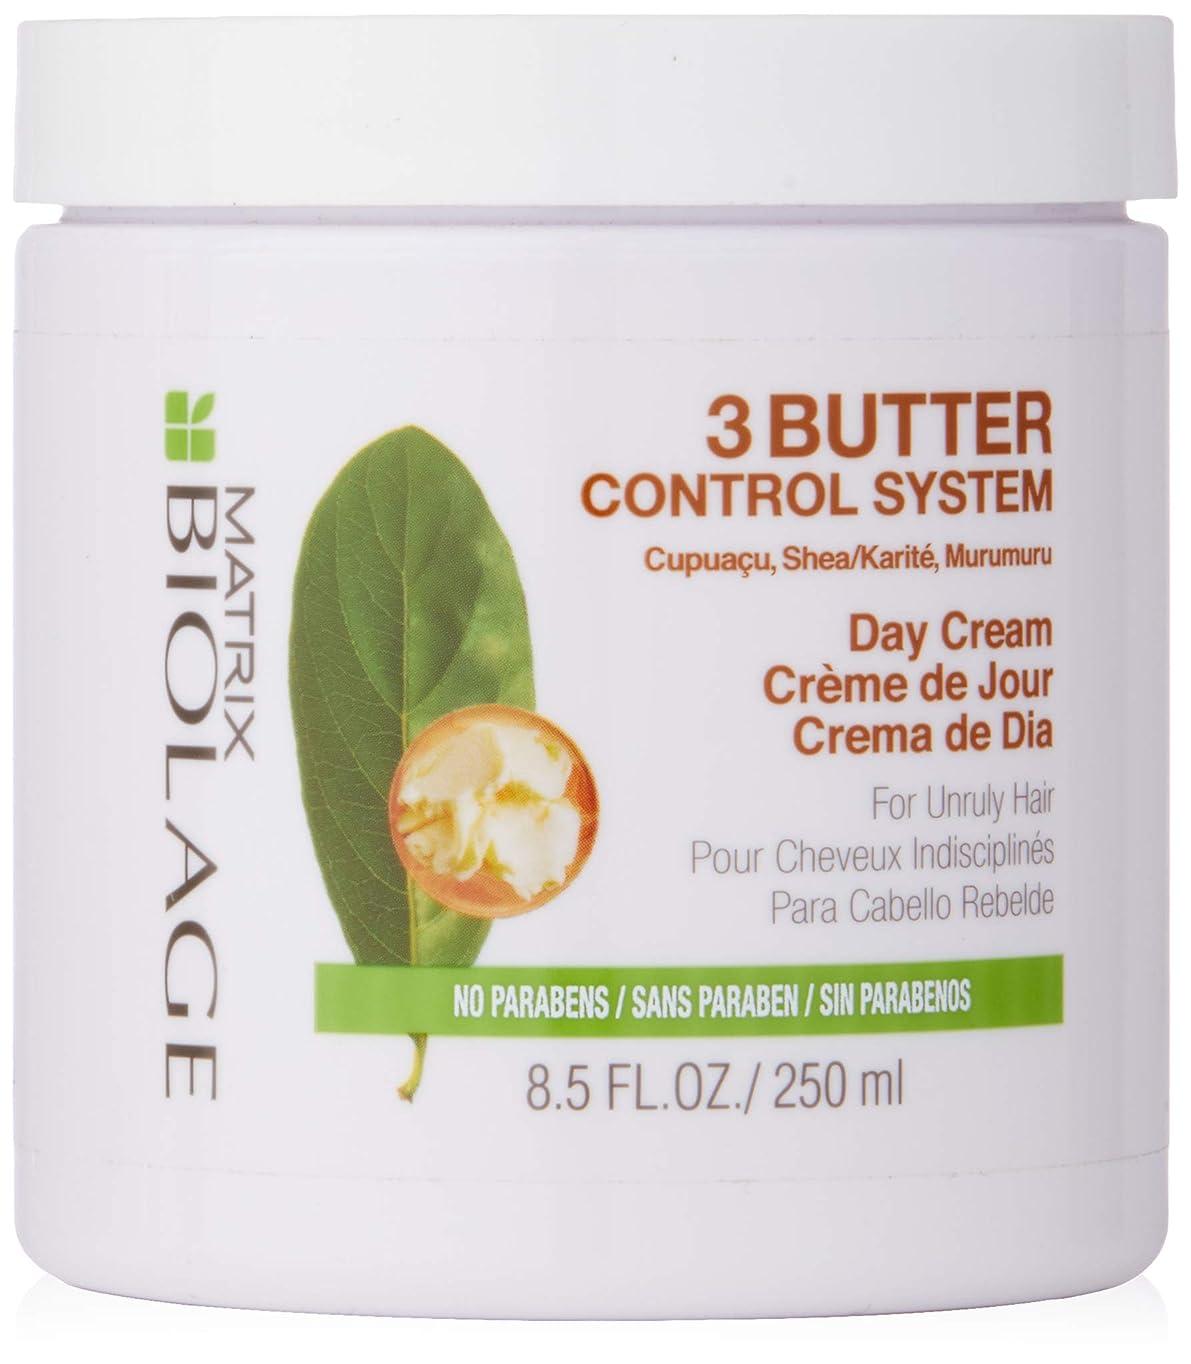 有効とんでもないピストルマトリックス Biolage 3 Butter Control Stystem Day Cream (For Unruly Hair) 250ml/8.5oz並行輸入品